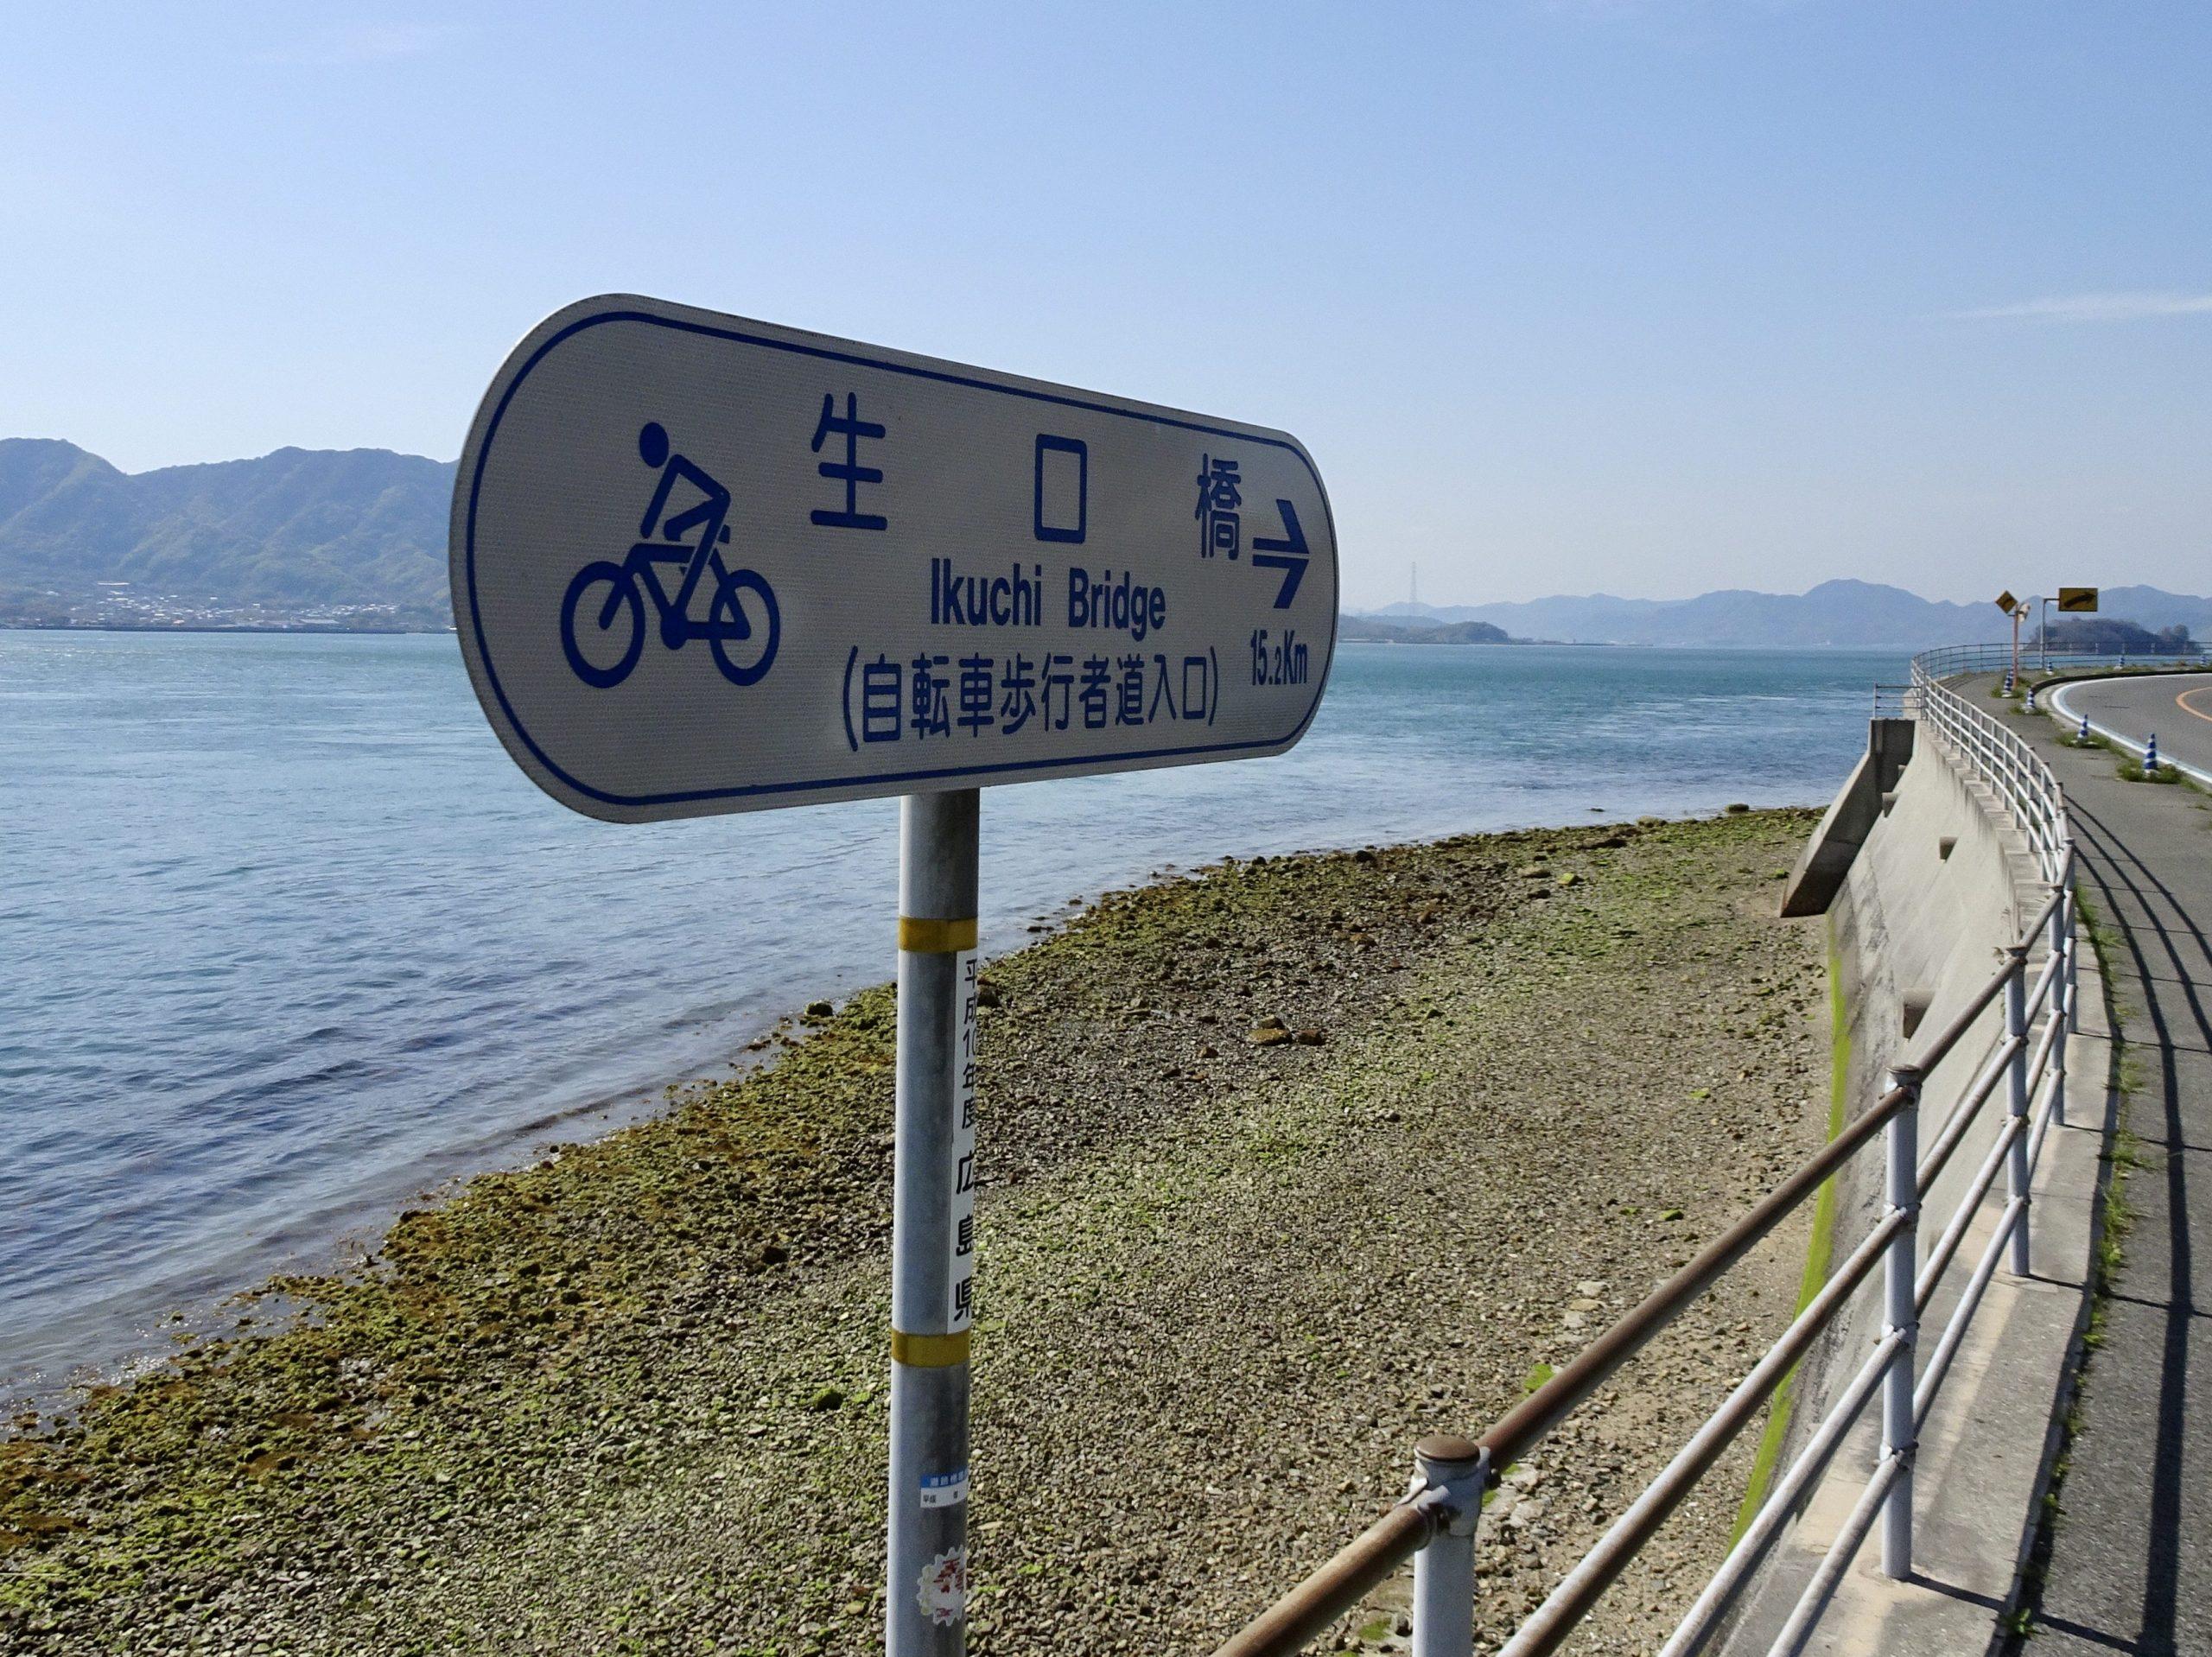 Richting Ikuchi Bridge in de Japanse Binnenzee